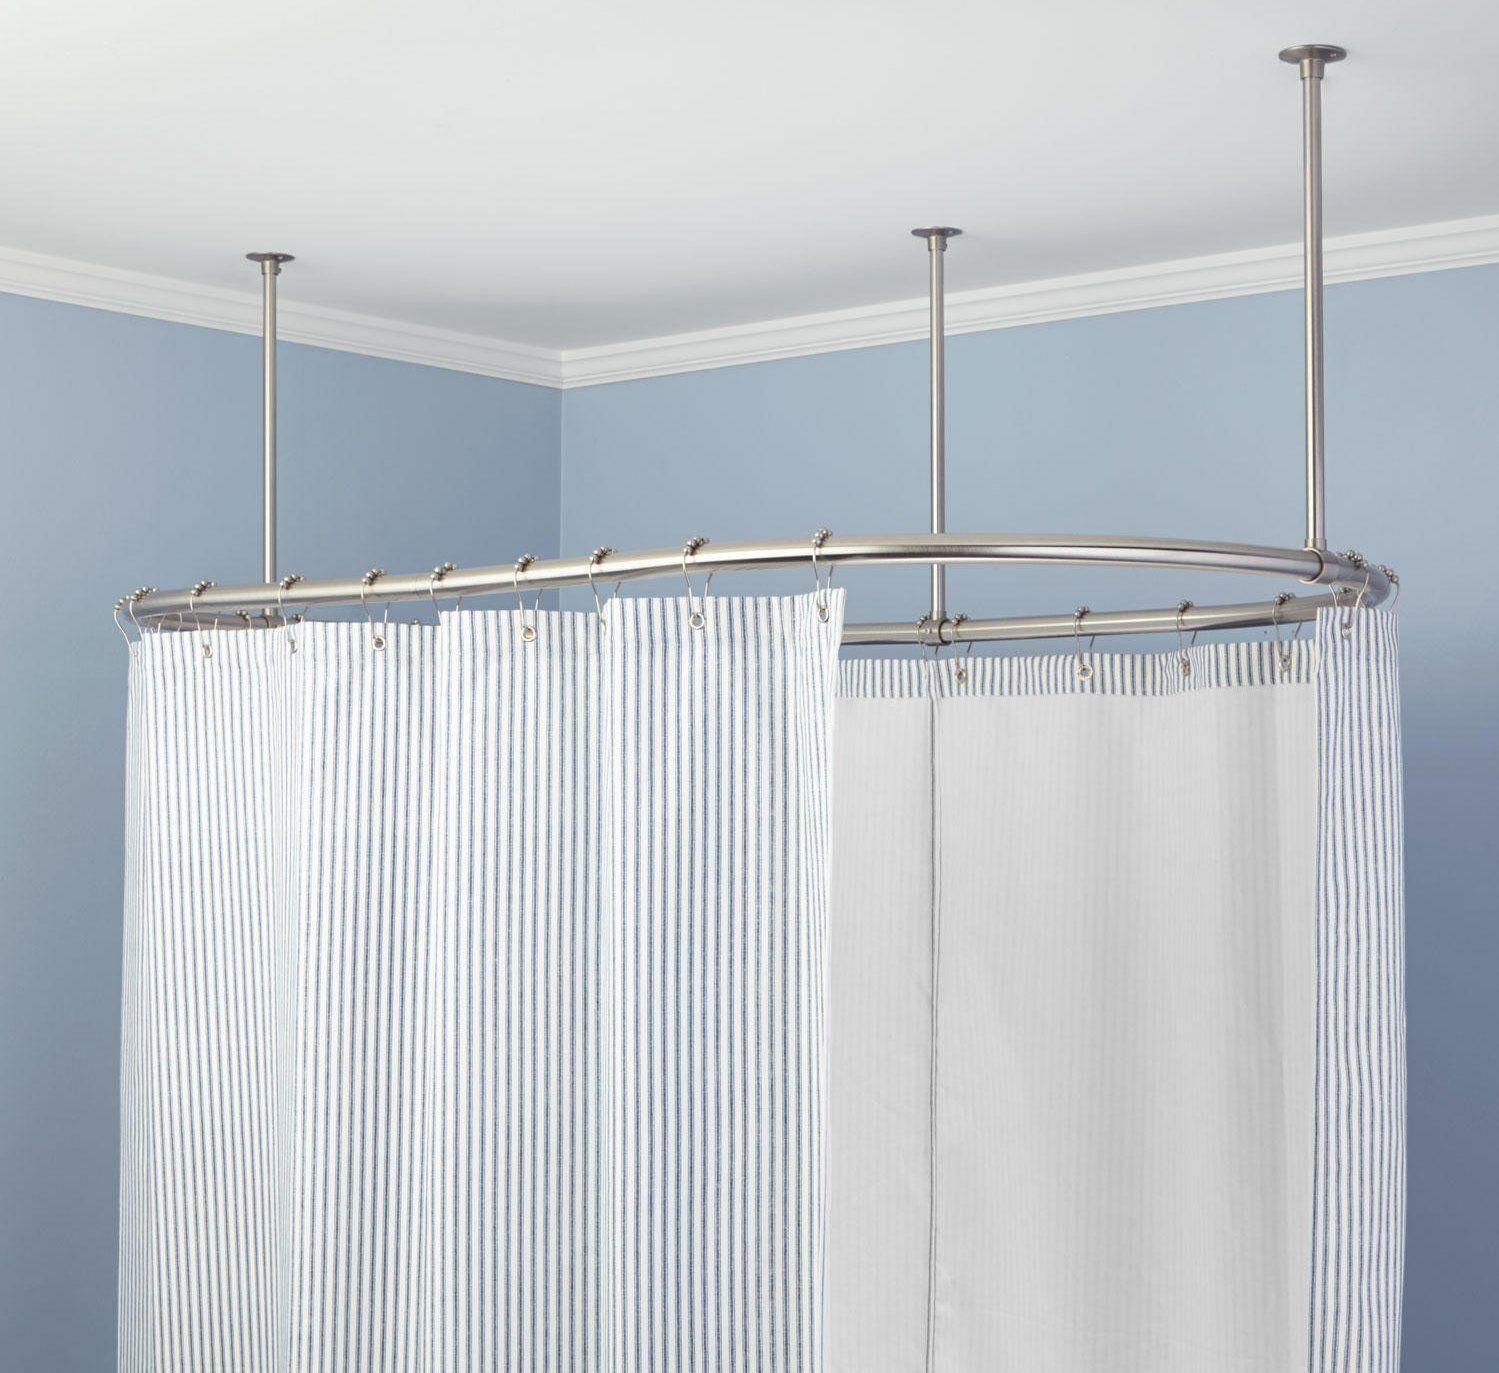 Geschwungene Dusche Gardinenstange Fur Dusche Rund Dusche Vorhang